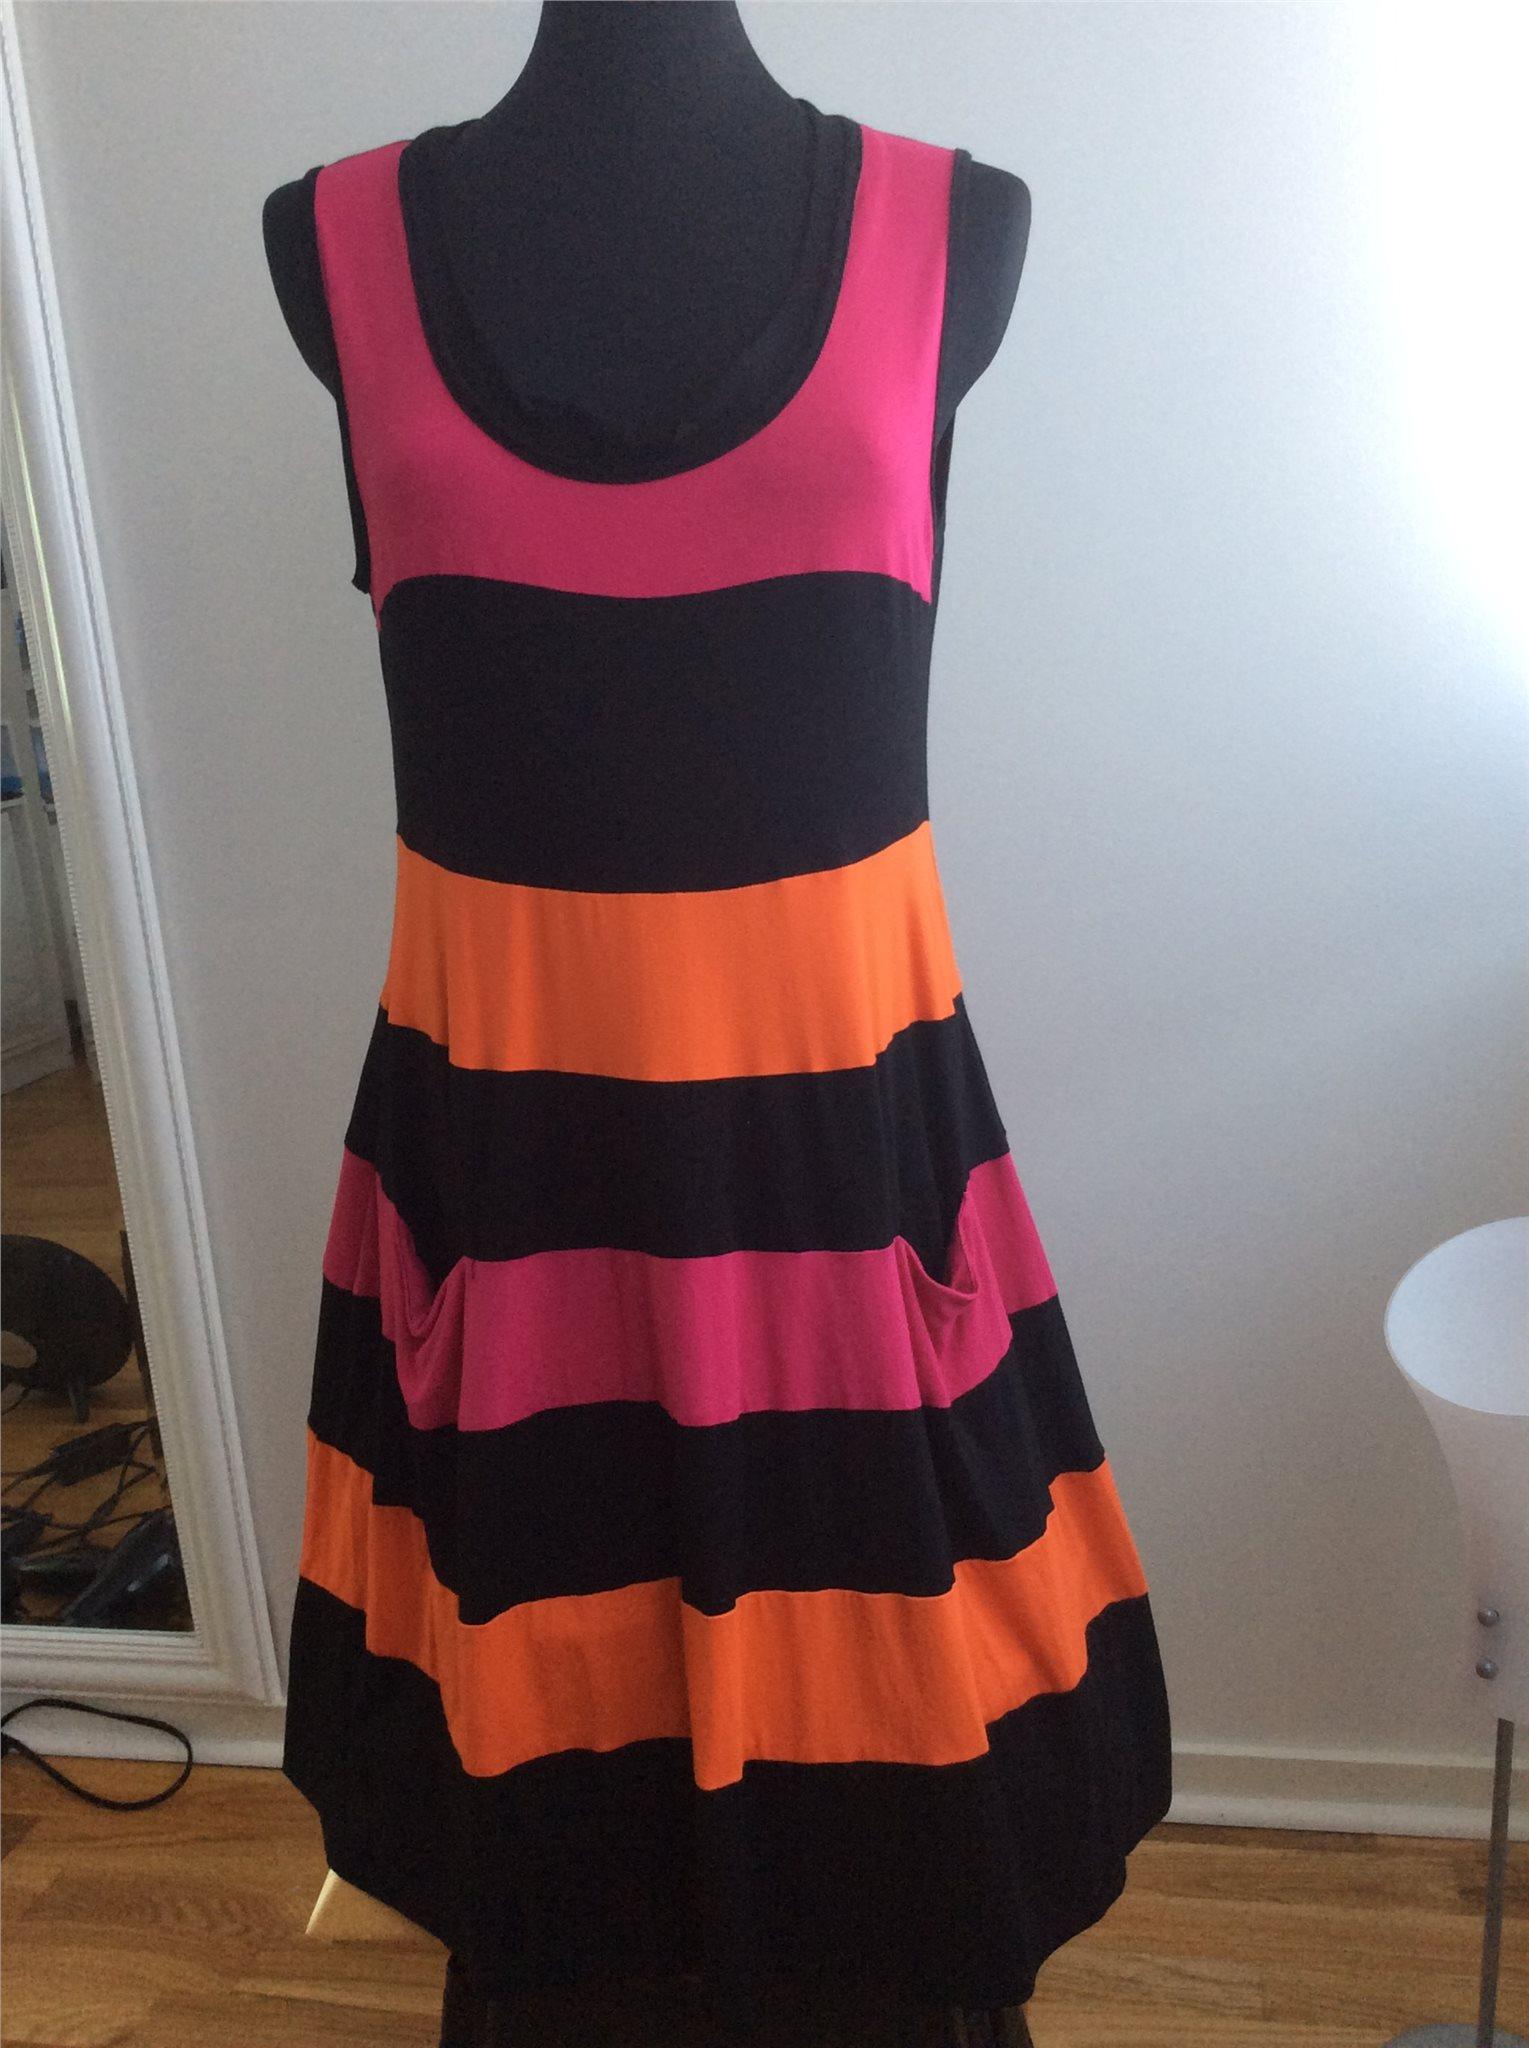 e4daf86ca627 Svart ceris orange färgad klänning från Baldino (339755813) ᐈ Köp ...